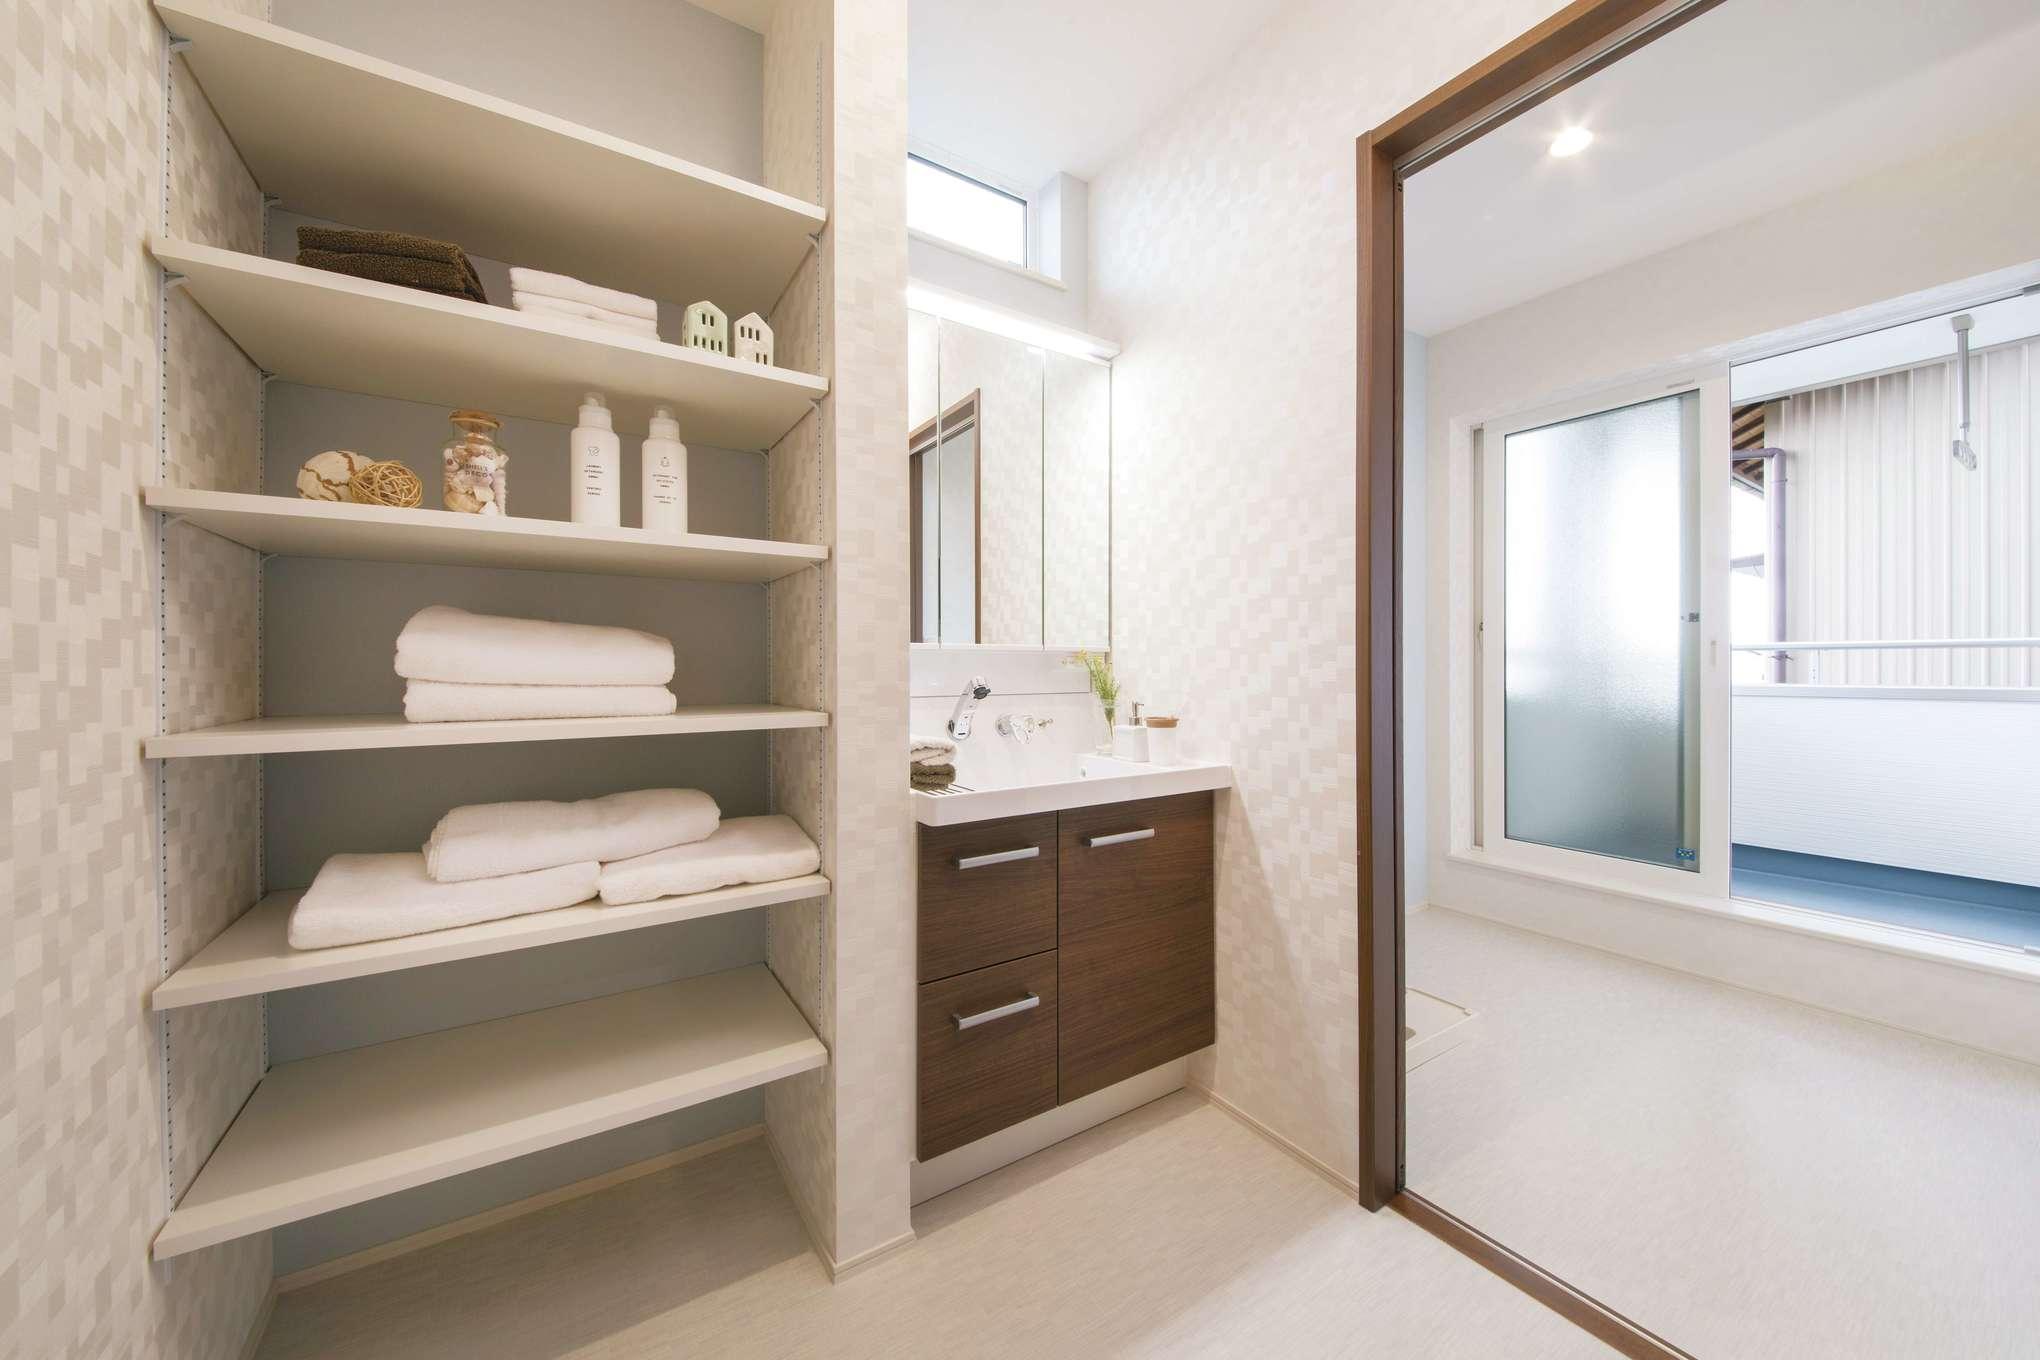 コットンハウス【省エネ、間取り、趣味】2階の洗面・脱衣室には収納をたっぷり設け、室内干しスペースの外に屋根付きバルコニーも設置。洗濯が格段と便利に!